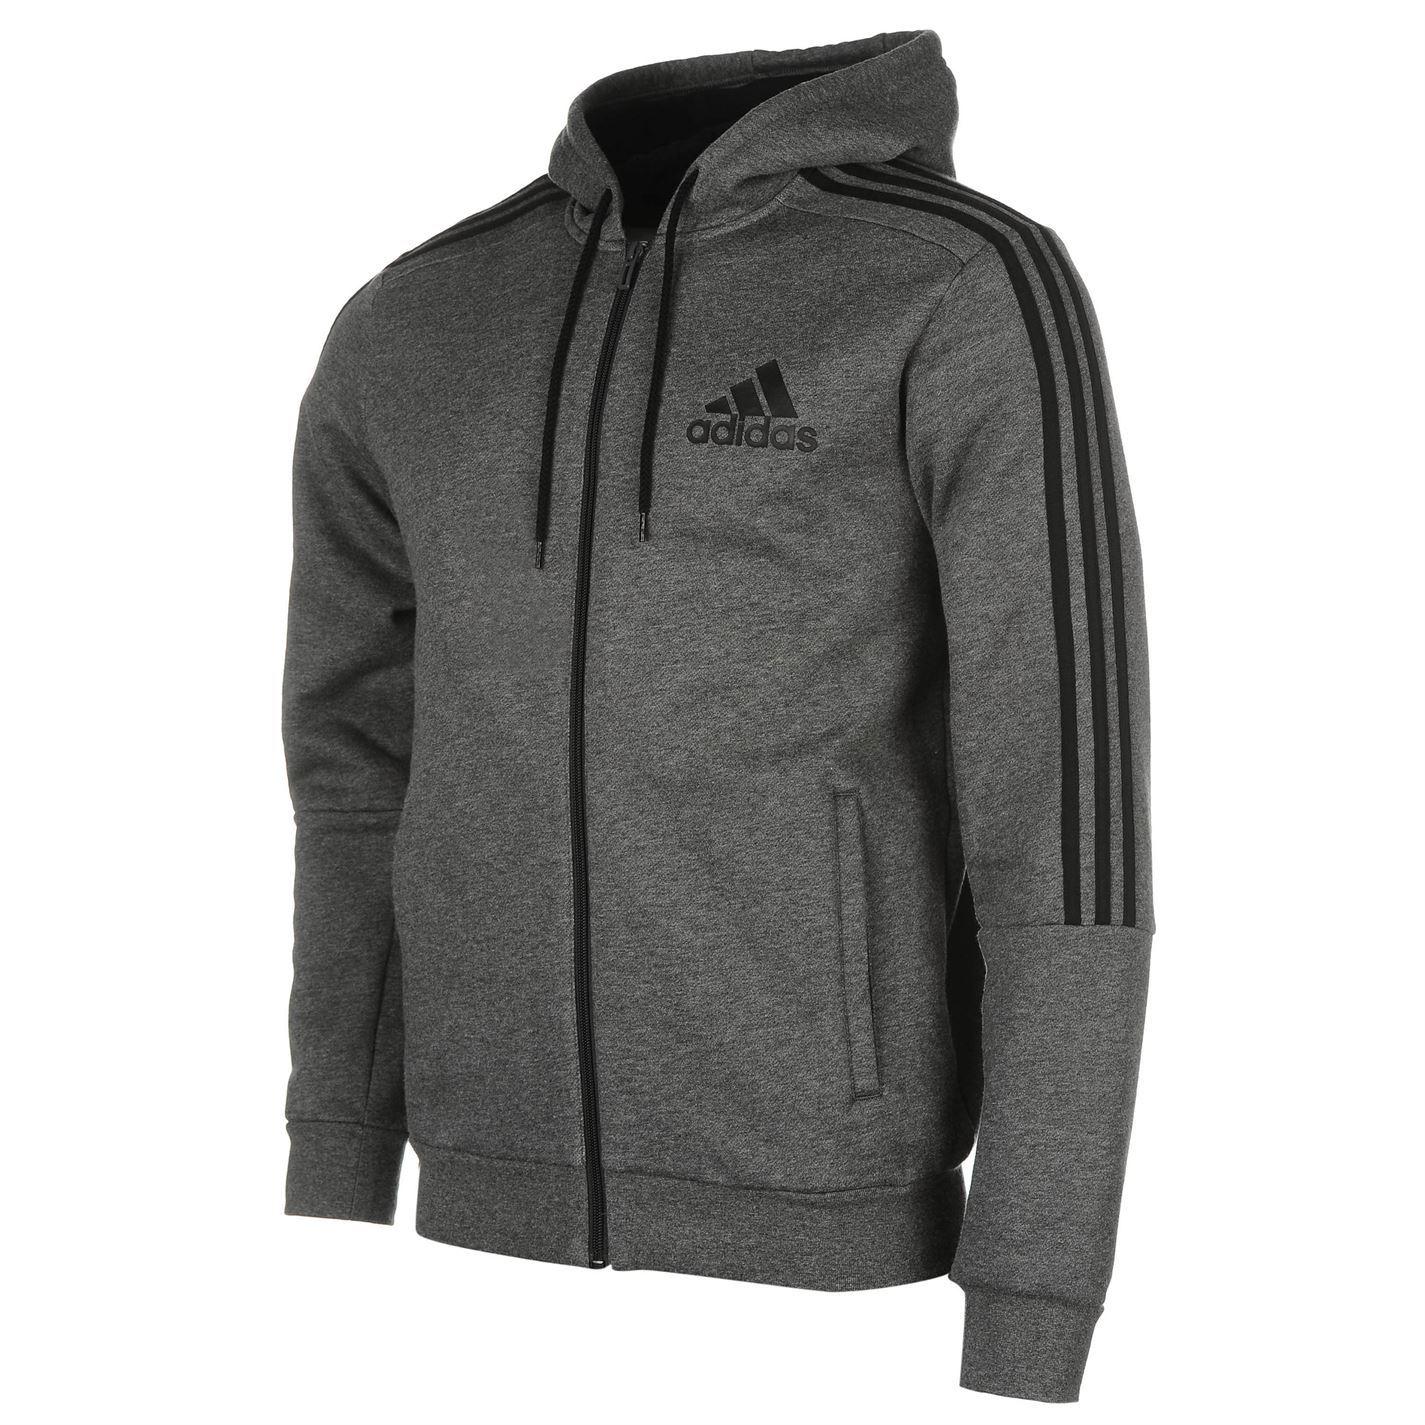 Adidas Zip Hoodie Herren